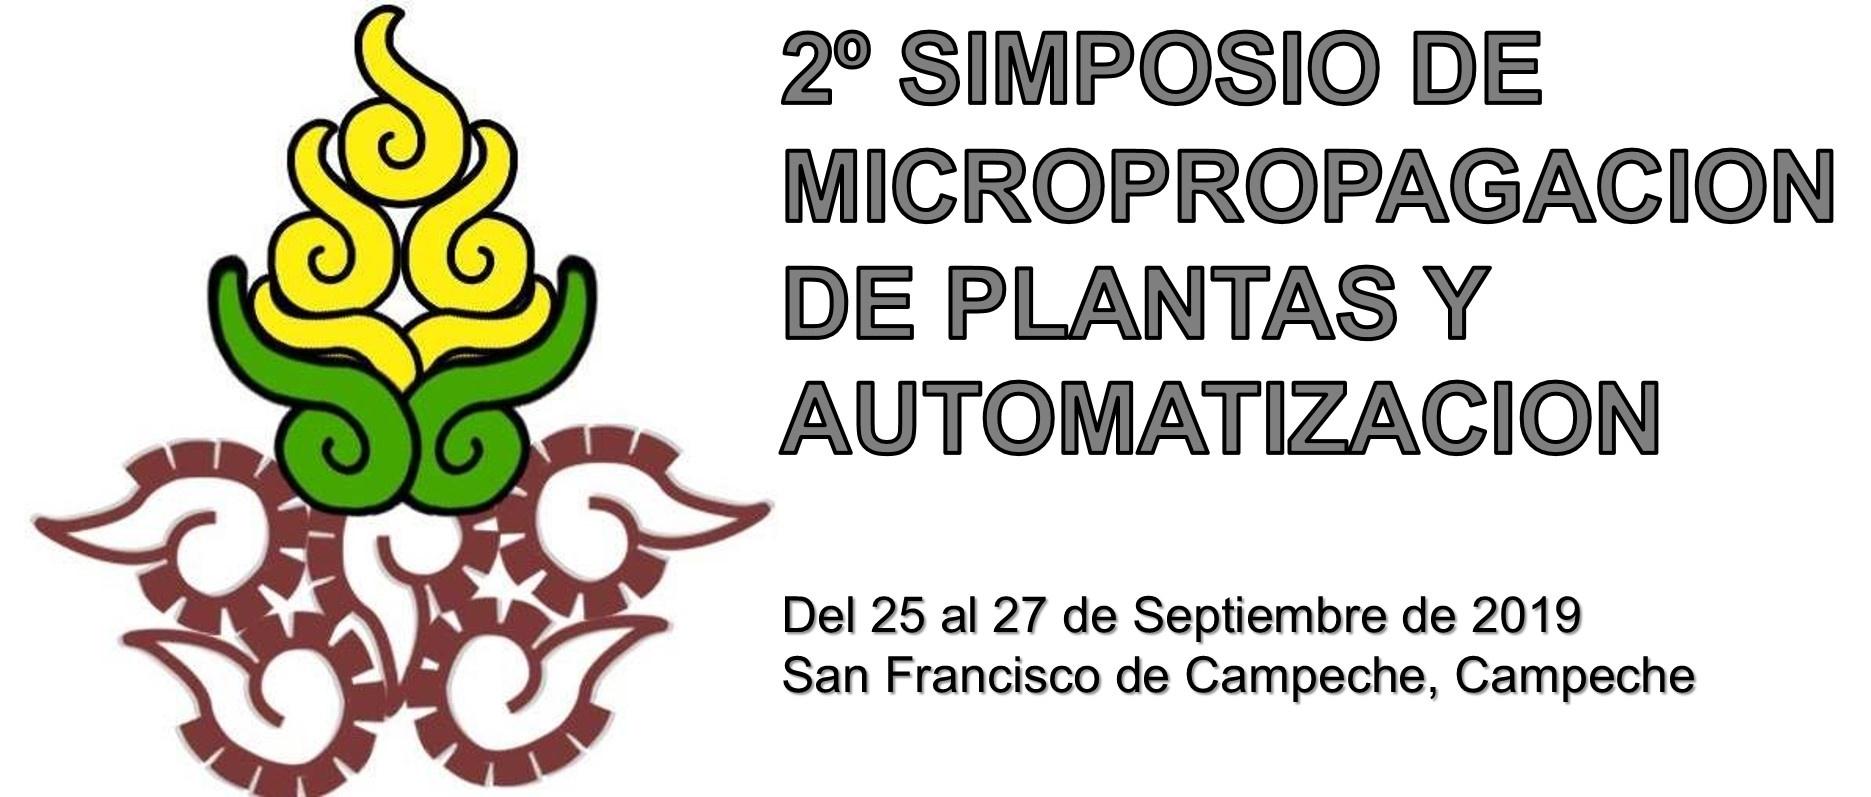 Micropropagacion